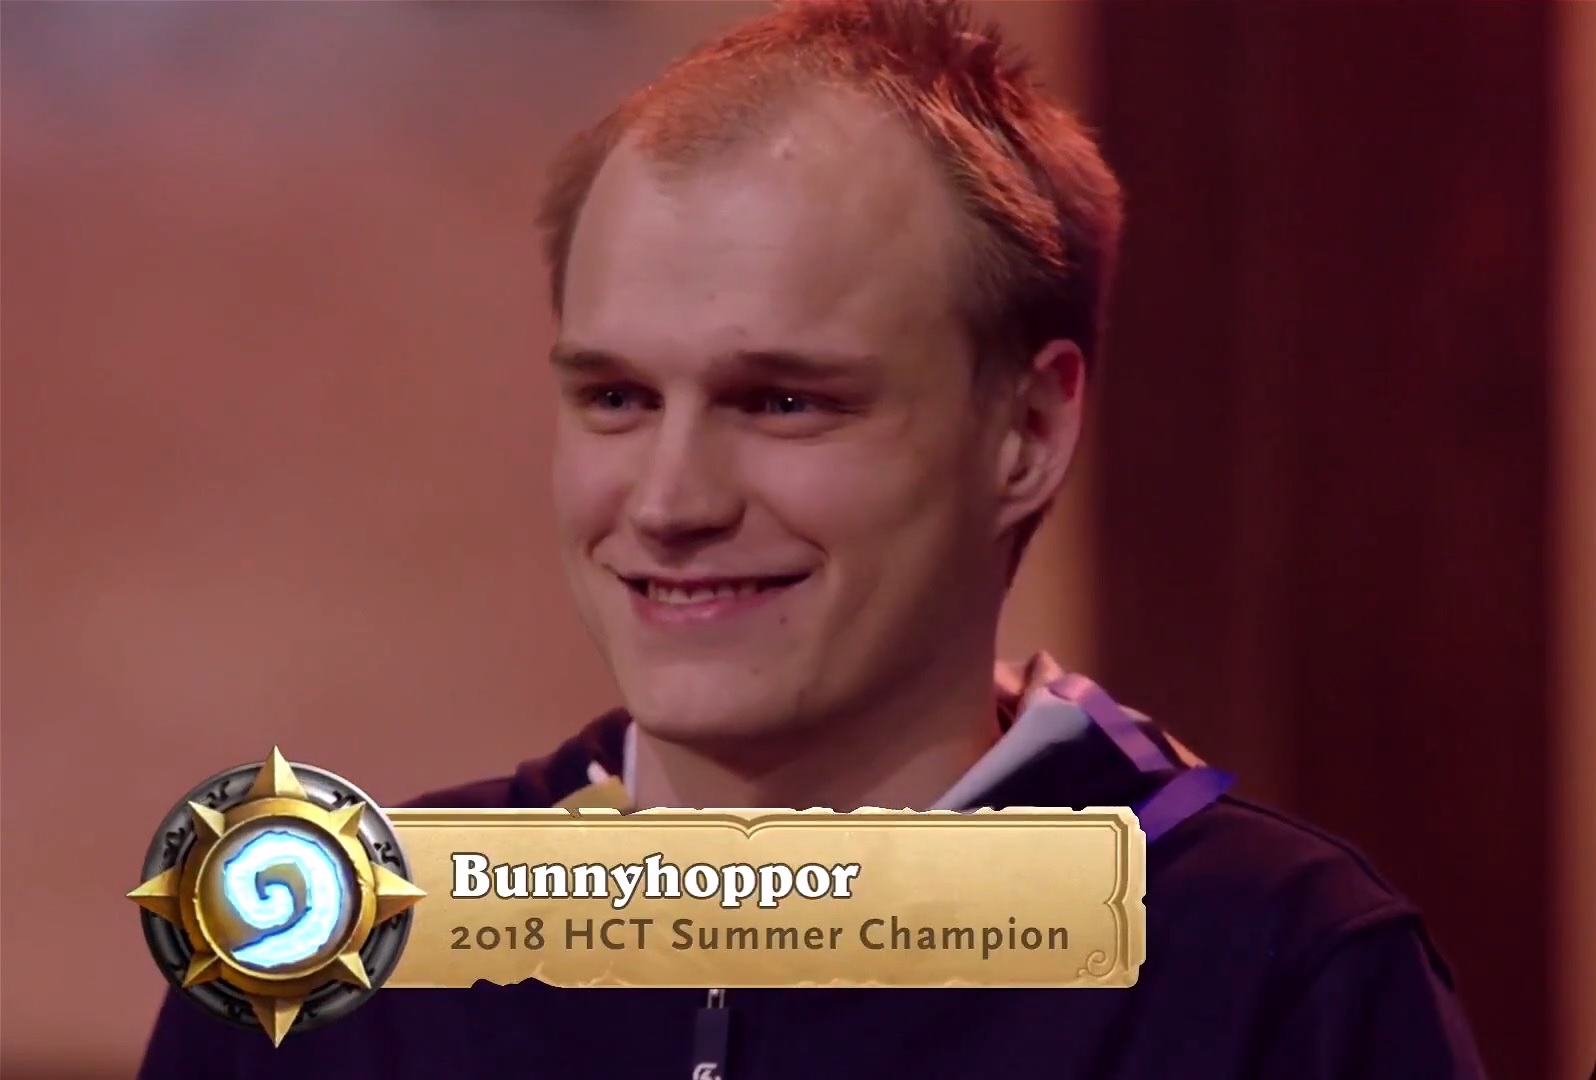 《爐石戰記®》HCT 夏季冠軍賽圓滿落幕 德國選手Bunnyhoppor奪下冠軍 台灣選手BloodTrail止步十六強